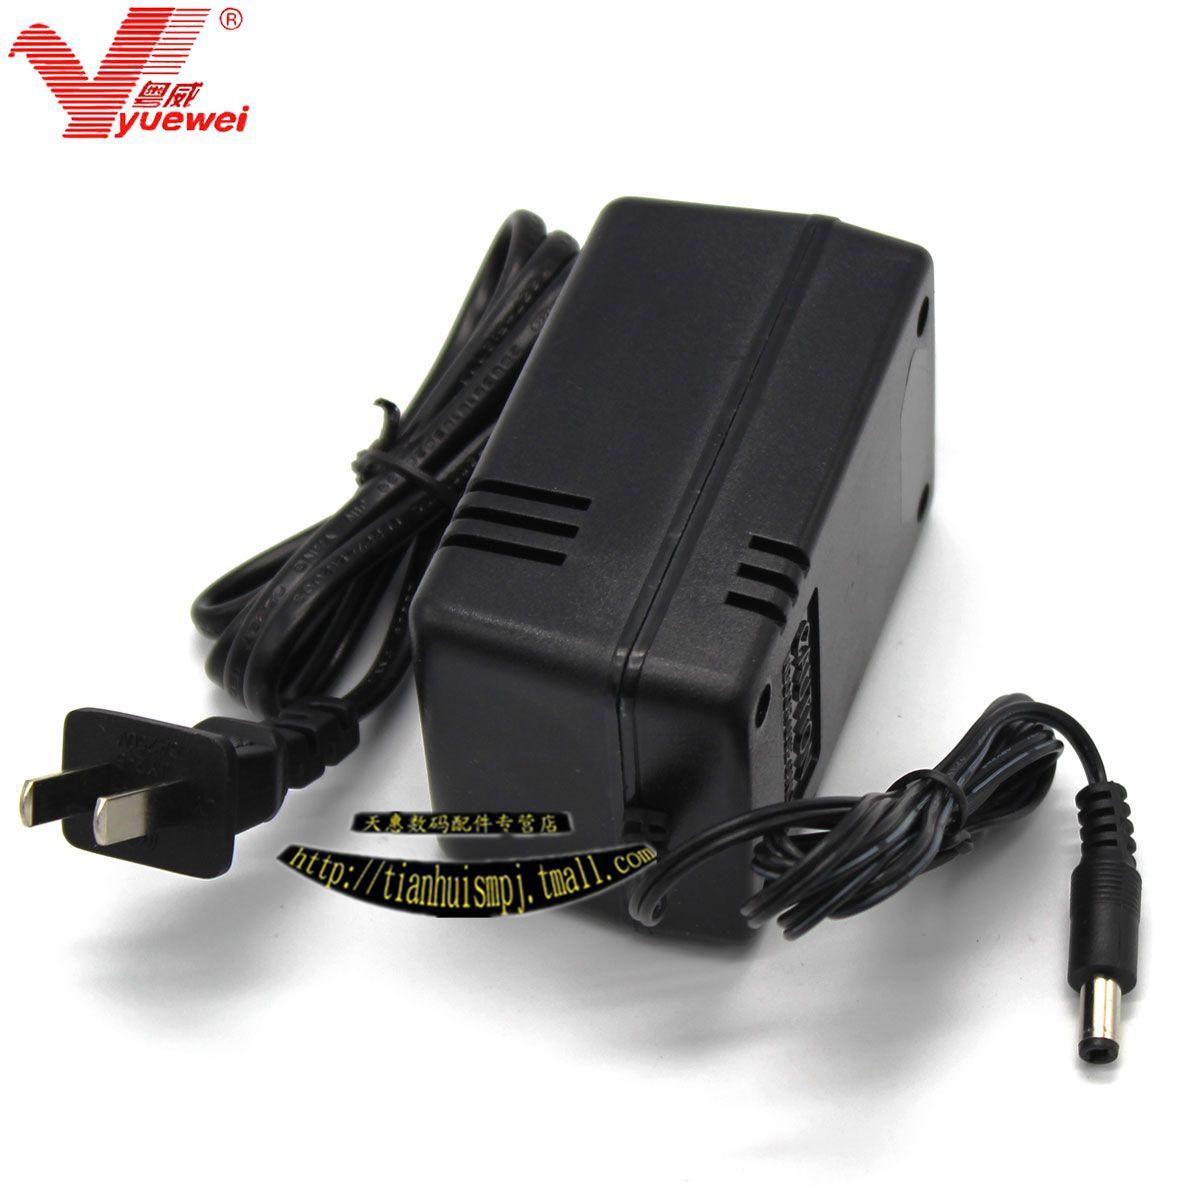 卡西歐CT-670 電子琴變壓器9V通用變壓器粵威牌適用casio CT670